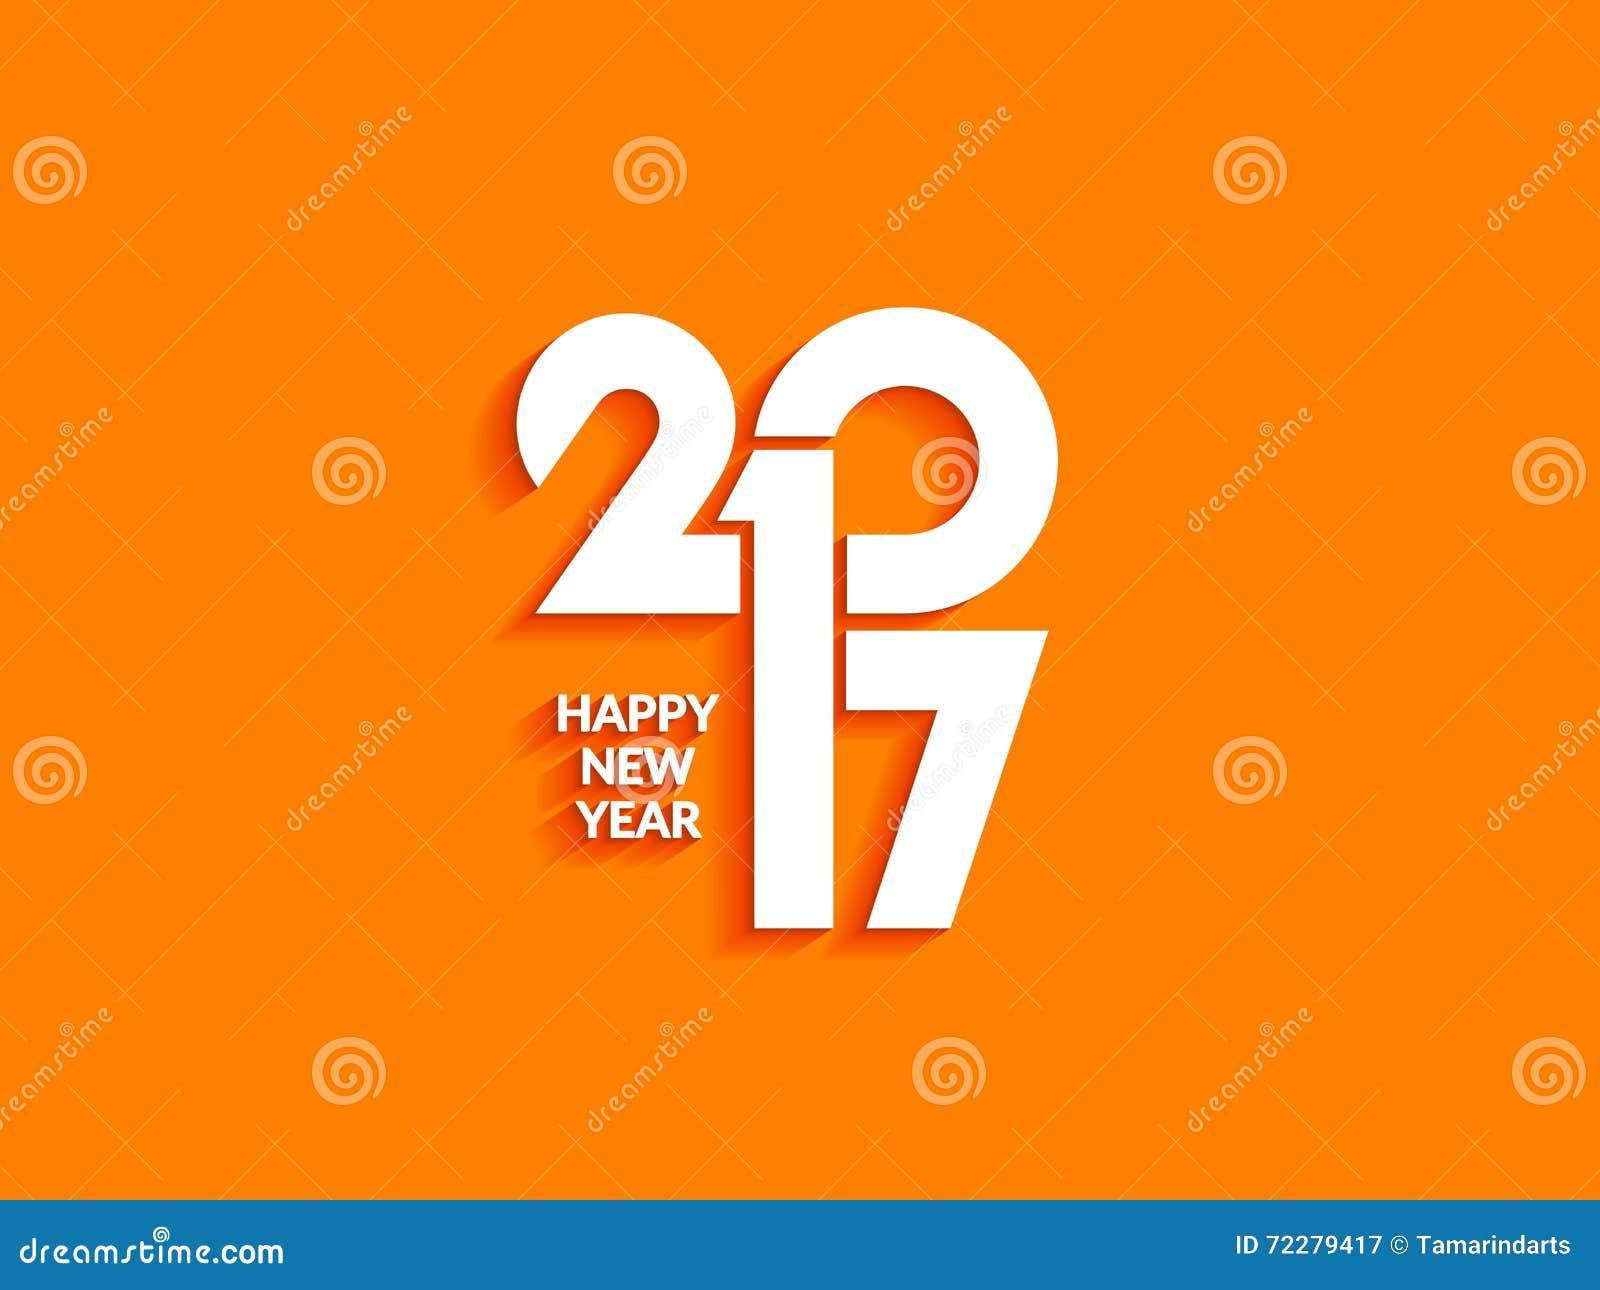 Download Красивый дизайн текста счастливого Нового Года 2017 Иллюстрация вектора - иллюстрации насчитывающей backhoe, бело: 72279417